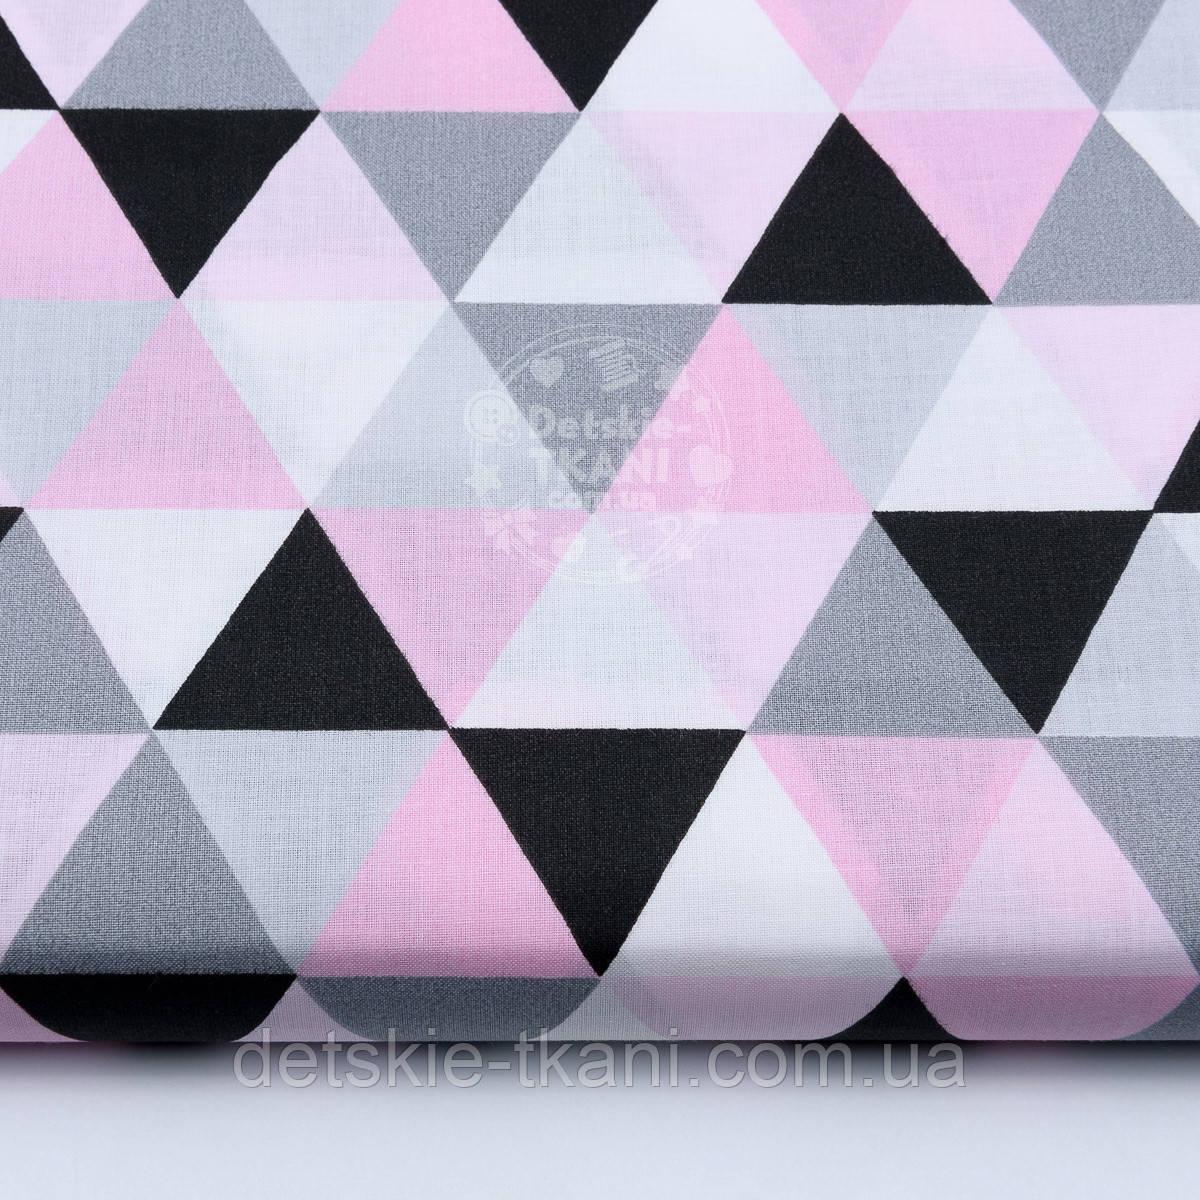 Ткань хлопковая с серыми розовыми и чёрными треугольниками (размером 4 см), №1658а